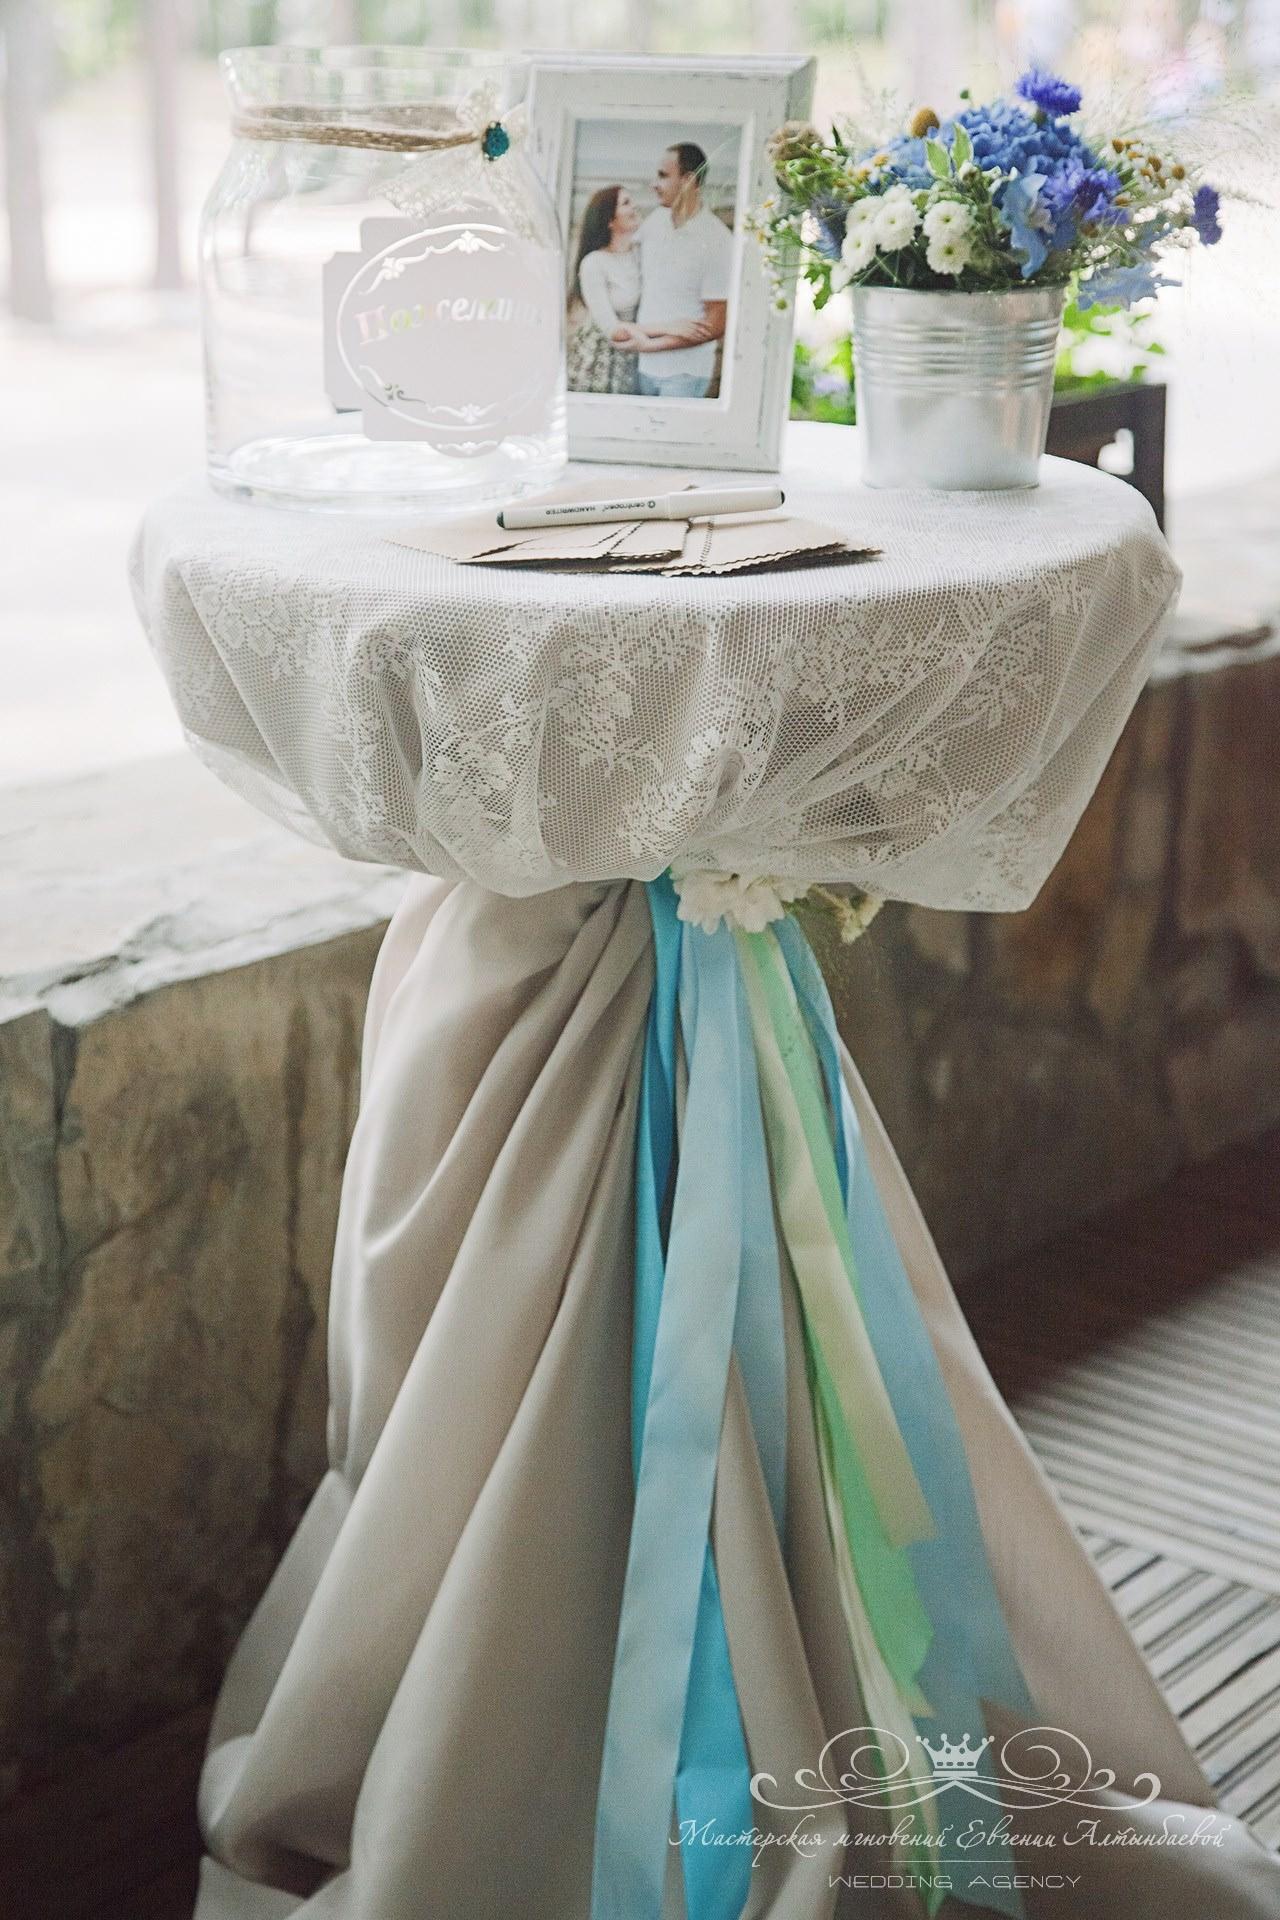 stolik-dlya-pozhelaniy-gostey-na-svadbe